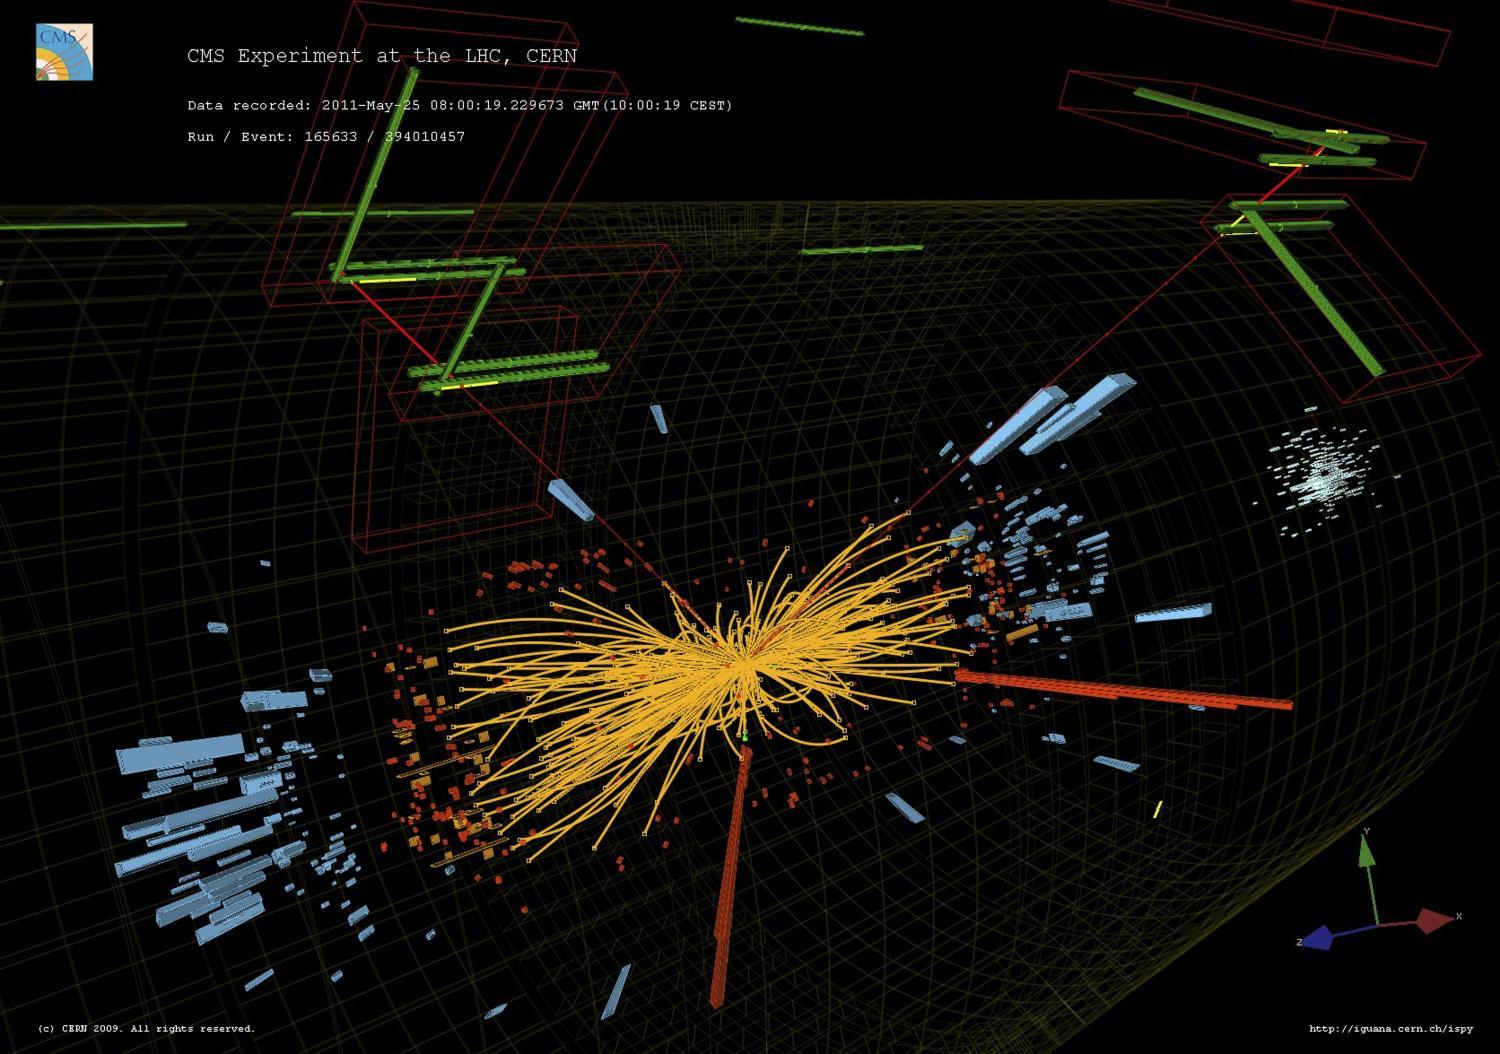 ¿Descubrieron una nueva partícula en el CERN?